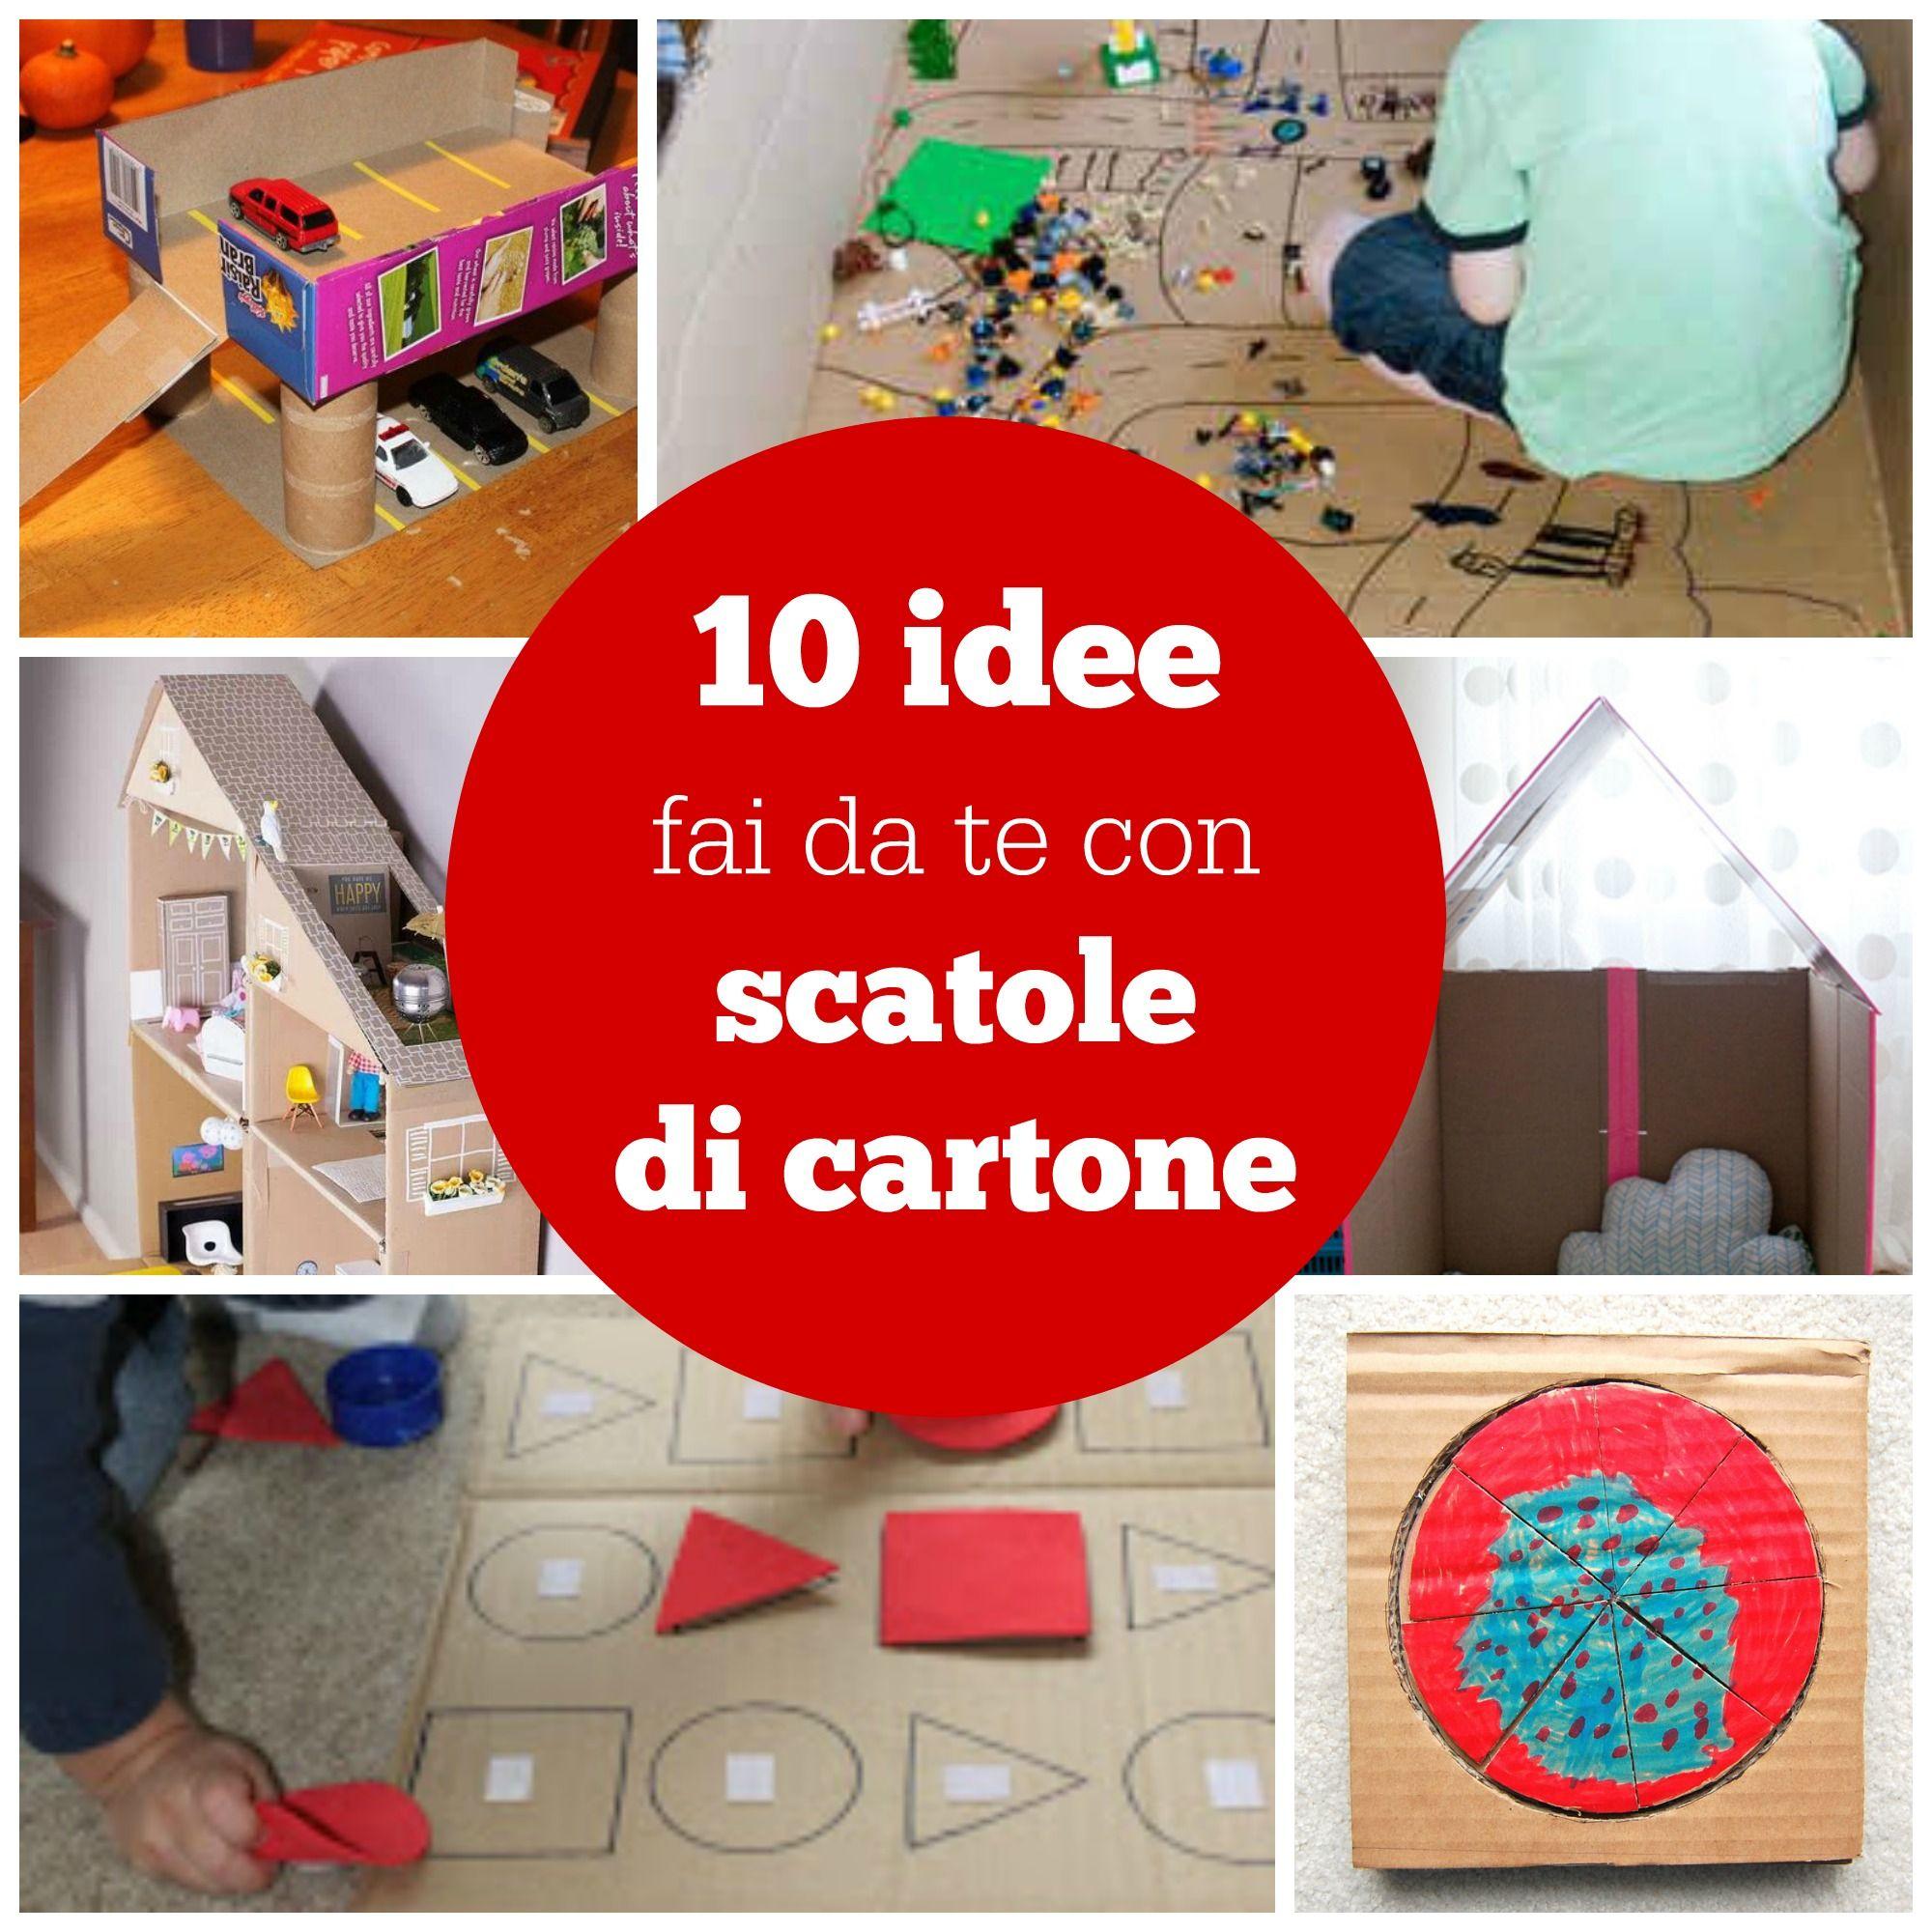 10 idee fai da te con scatole di cartone scatole di for Casa idee fai da te